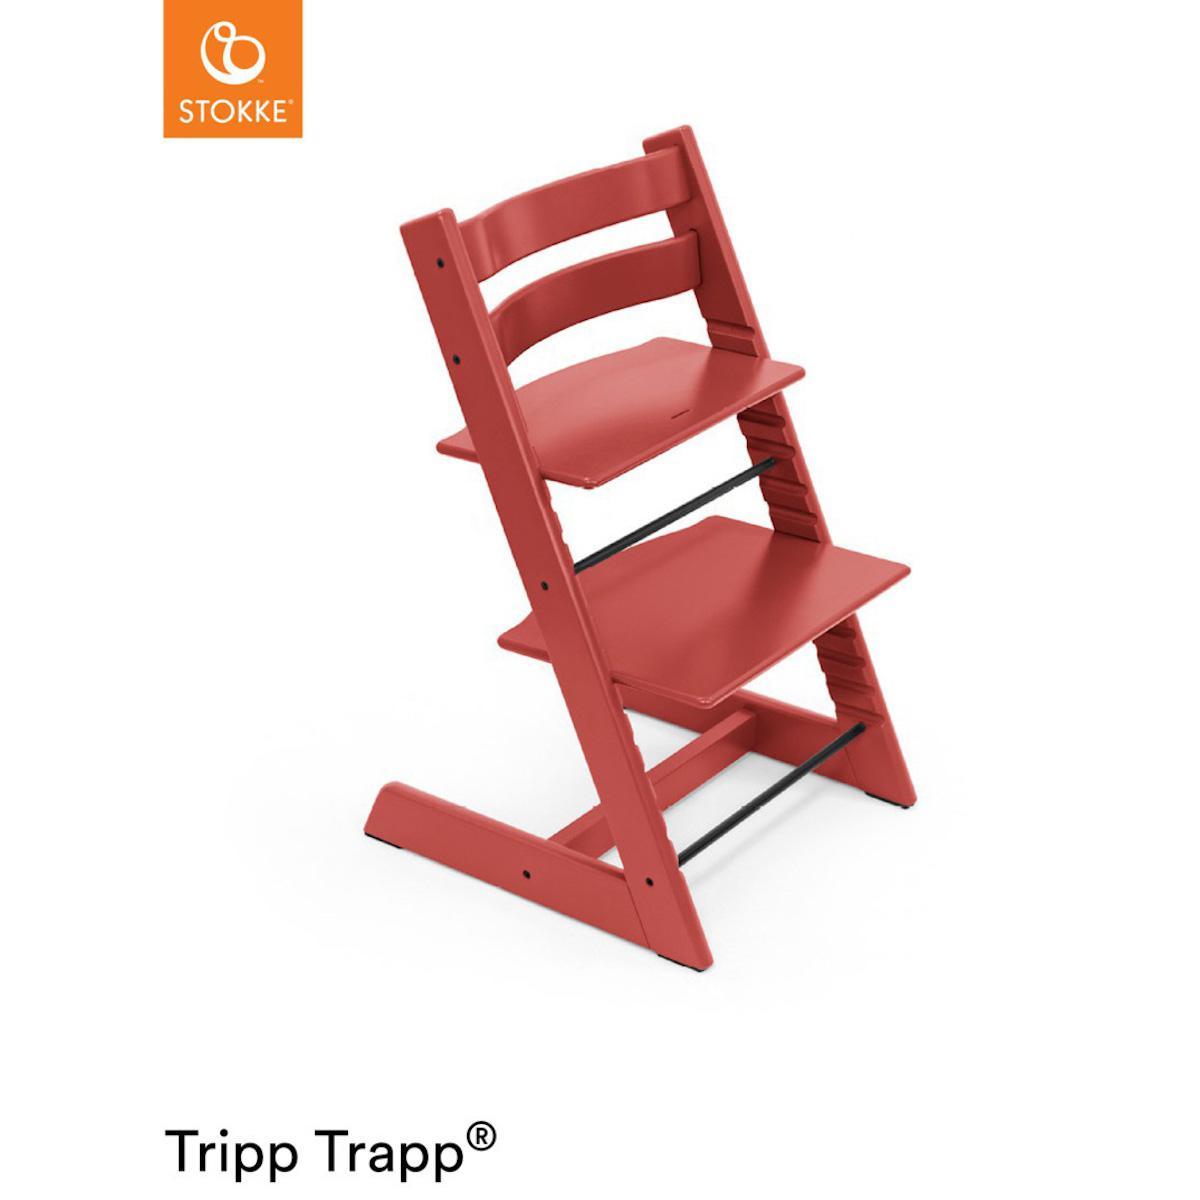 Hochstuhl TRIPP TRAPP Stokke Warm Red